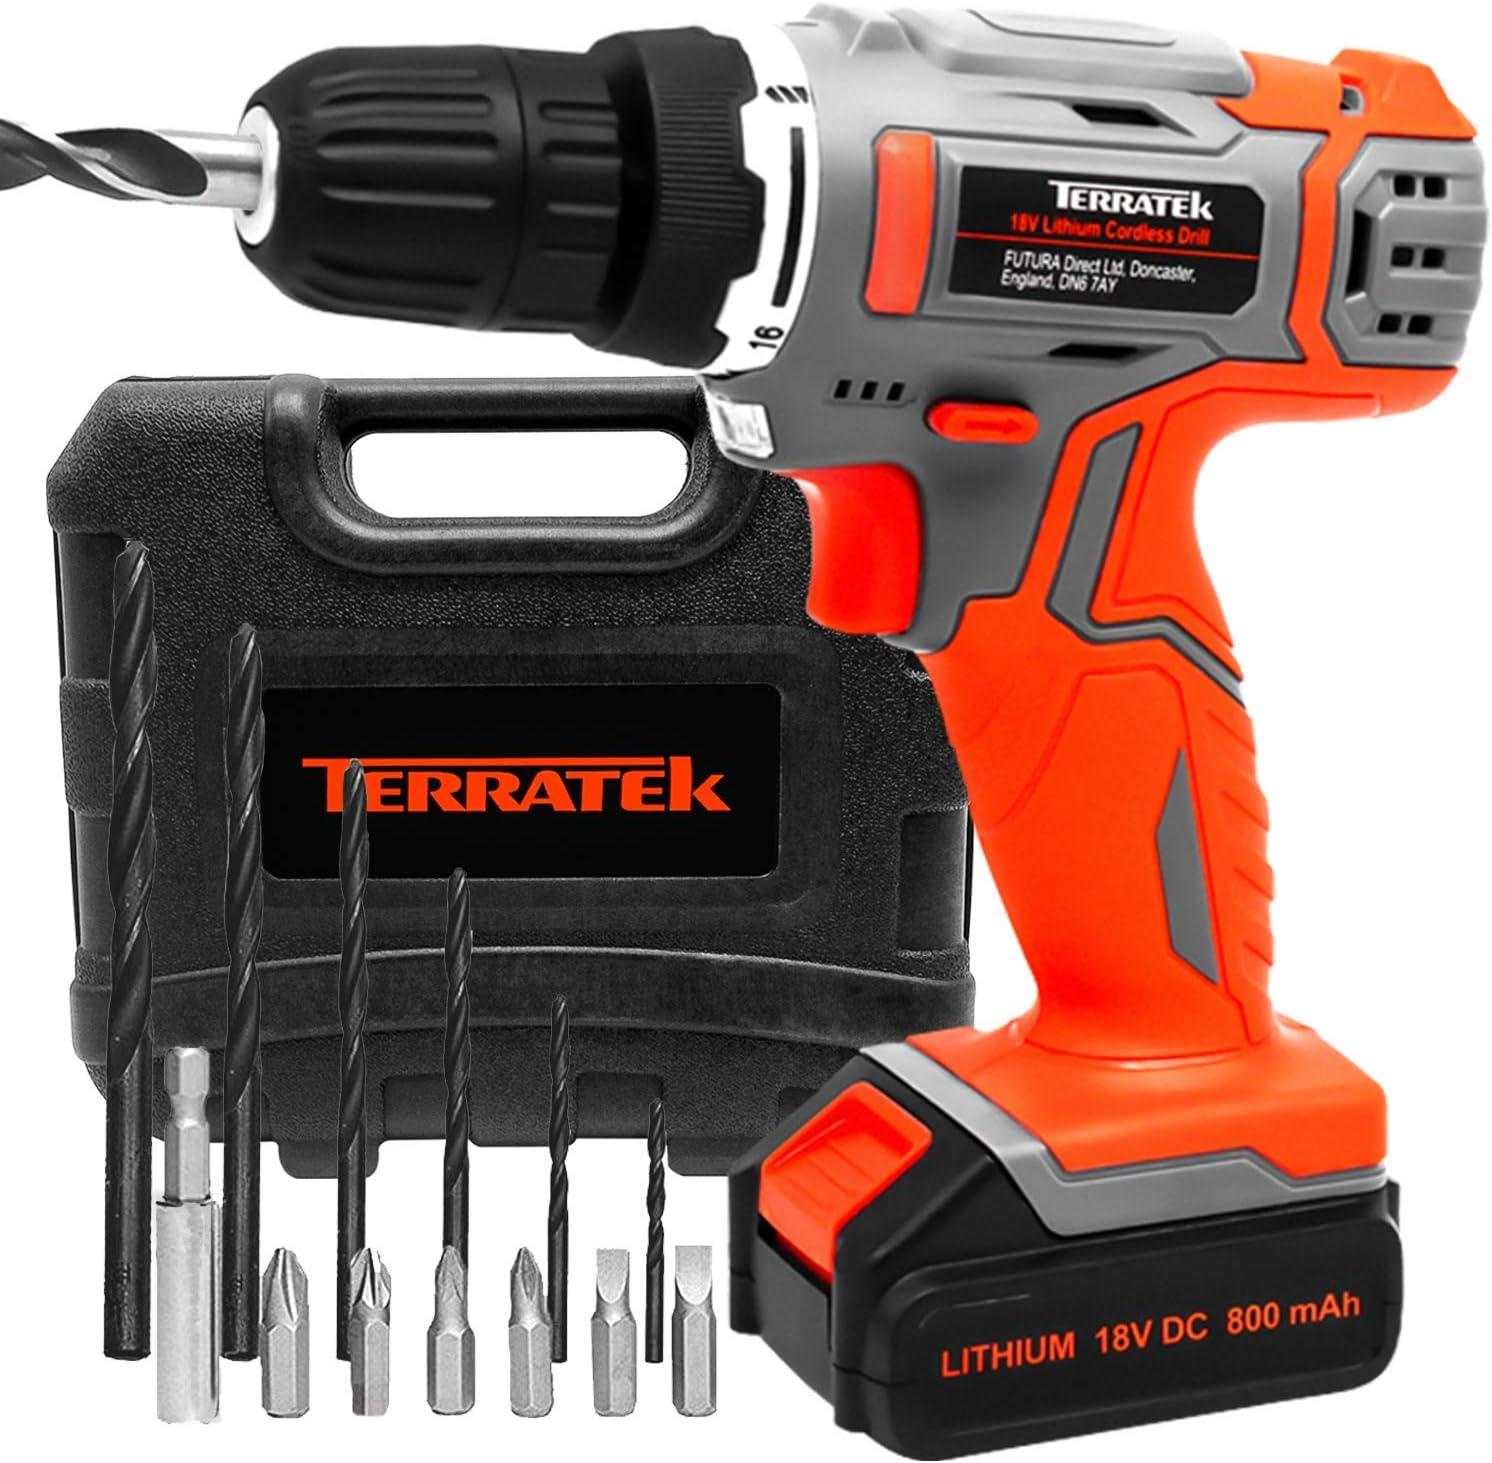 Terratek 13pc Cordless Drill Driver